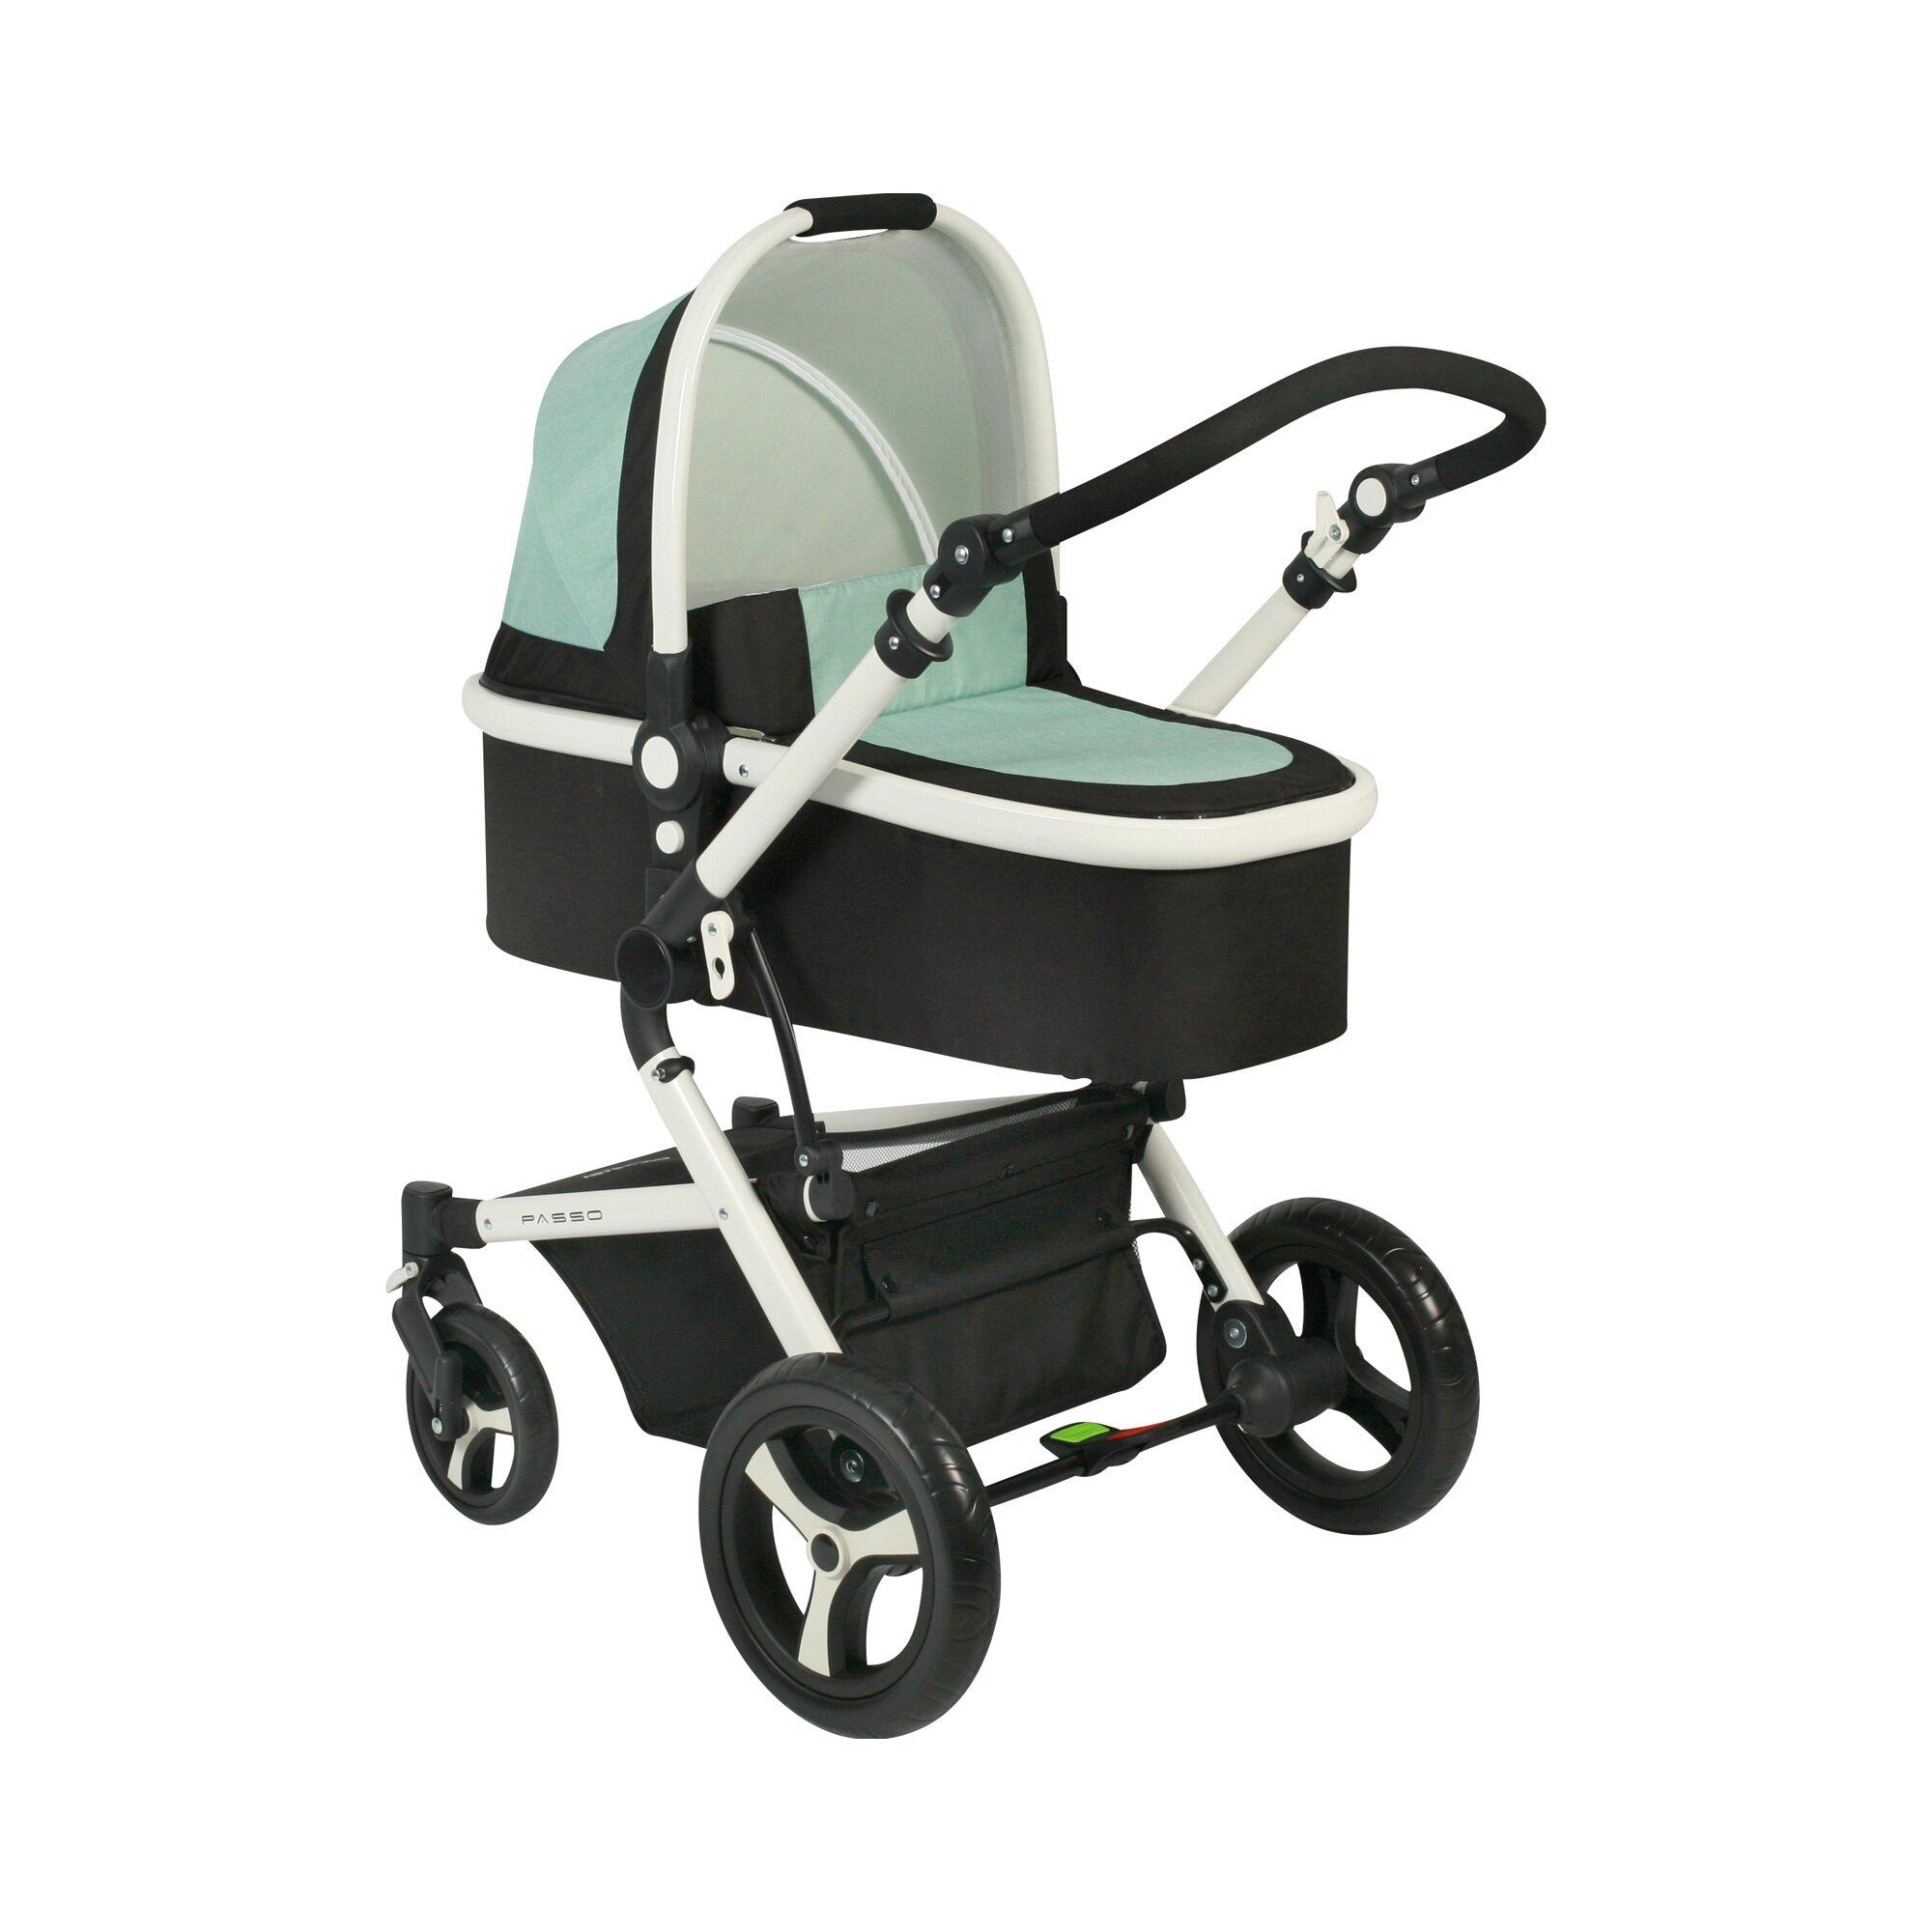 chic-4-baby-passo-kombikinderwagen-gruen